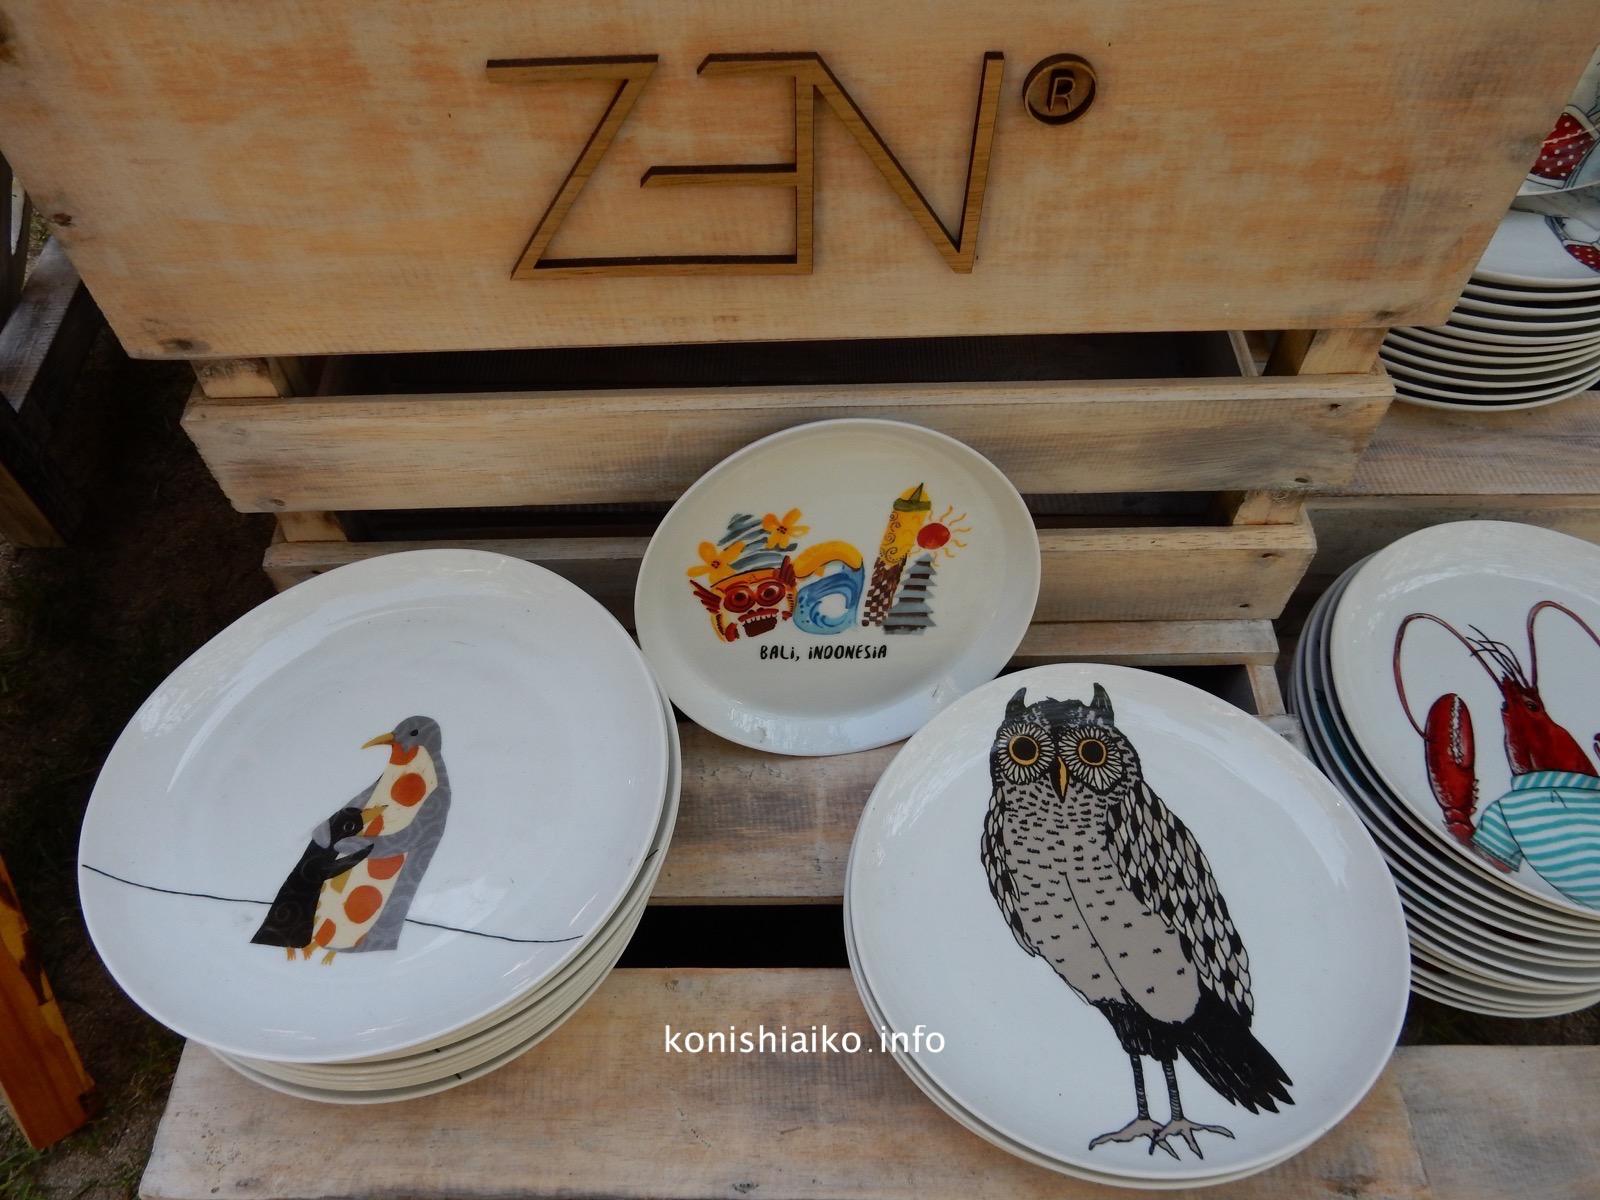 鳥や動物の絵が描かれたお皿が個性的